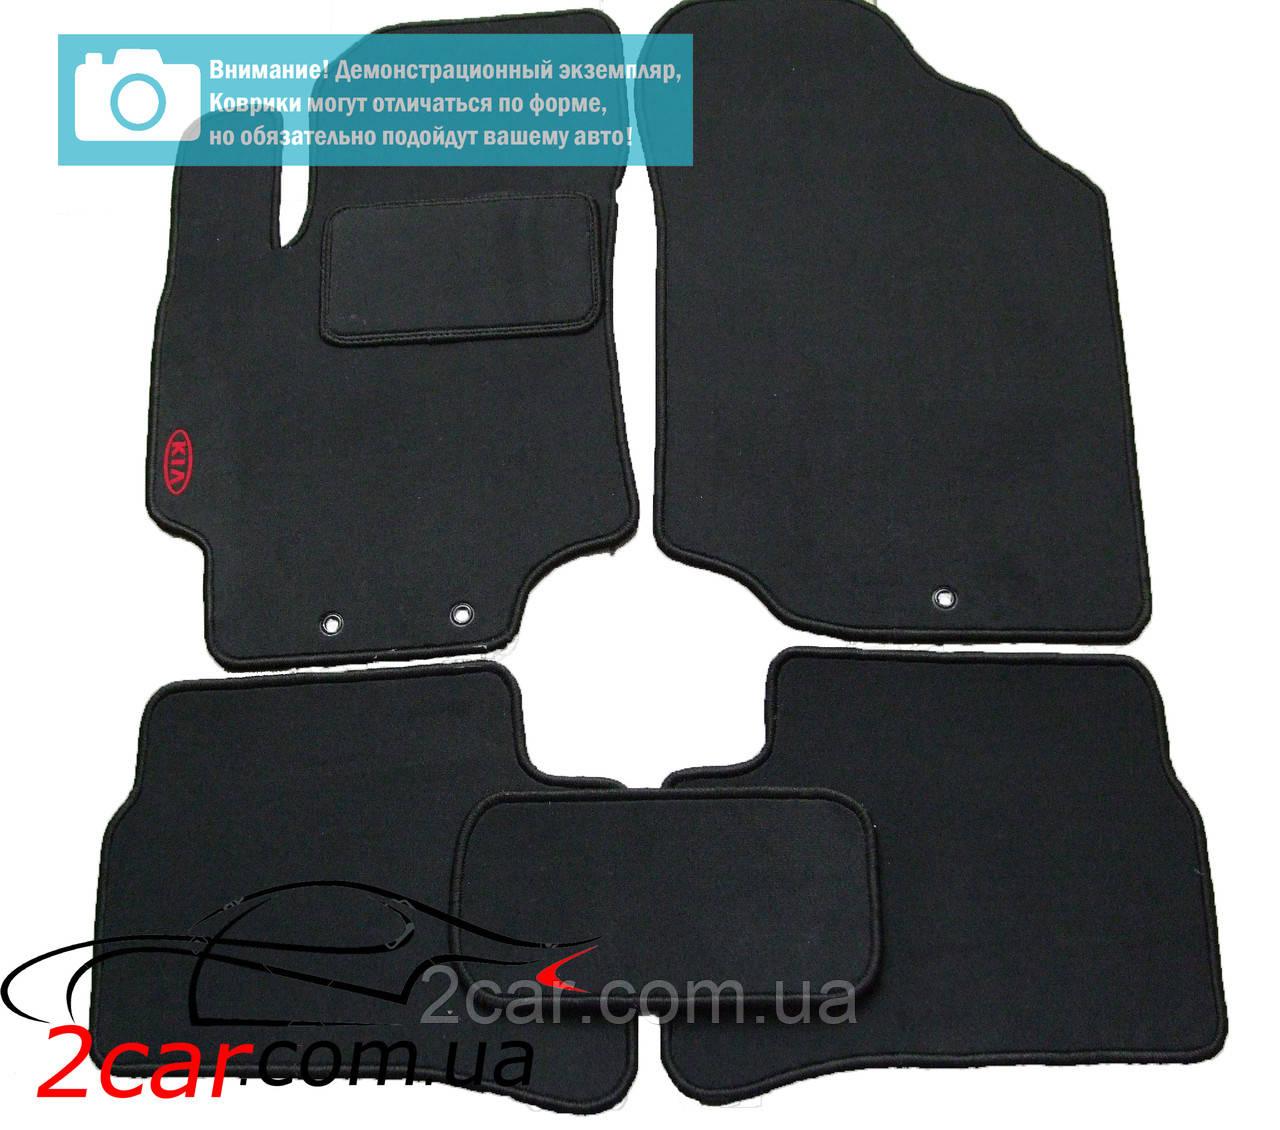 Текстильные коврики в салон для Subaru Forester (2008-) (чёрный) (Stin